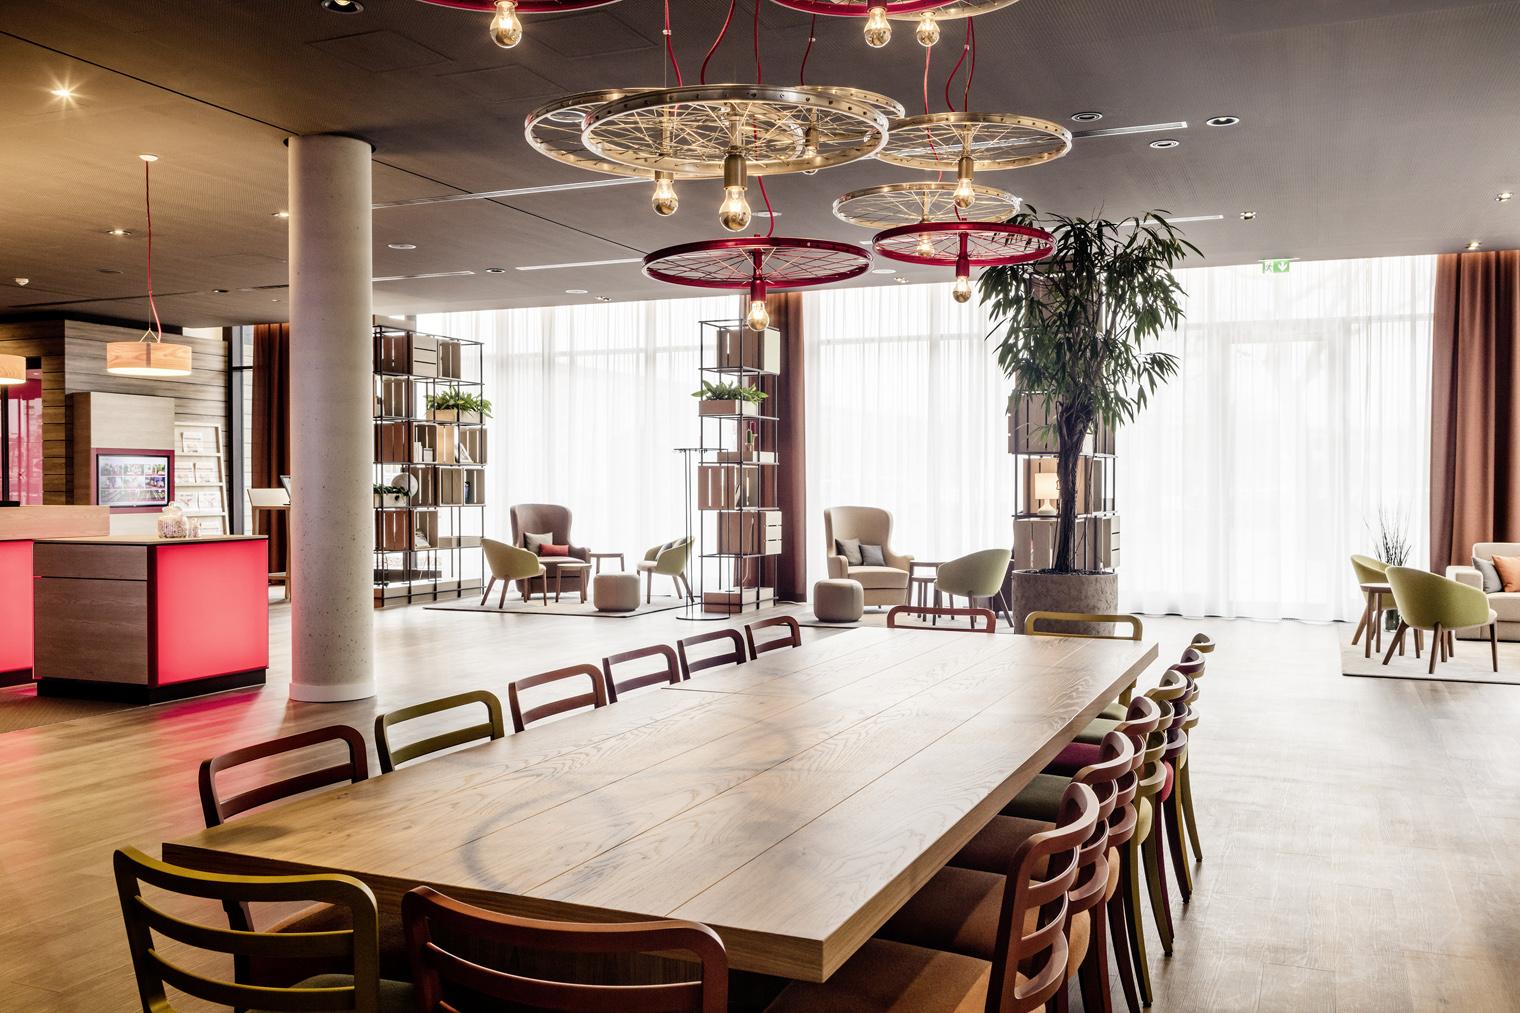 matteo thun responsable de los nuevos intercityhotel 2 0. Black Bedroom Furniture Sets. Home Design Ideas